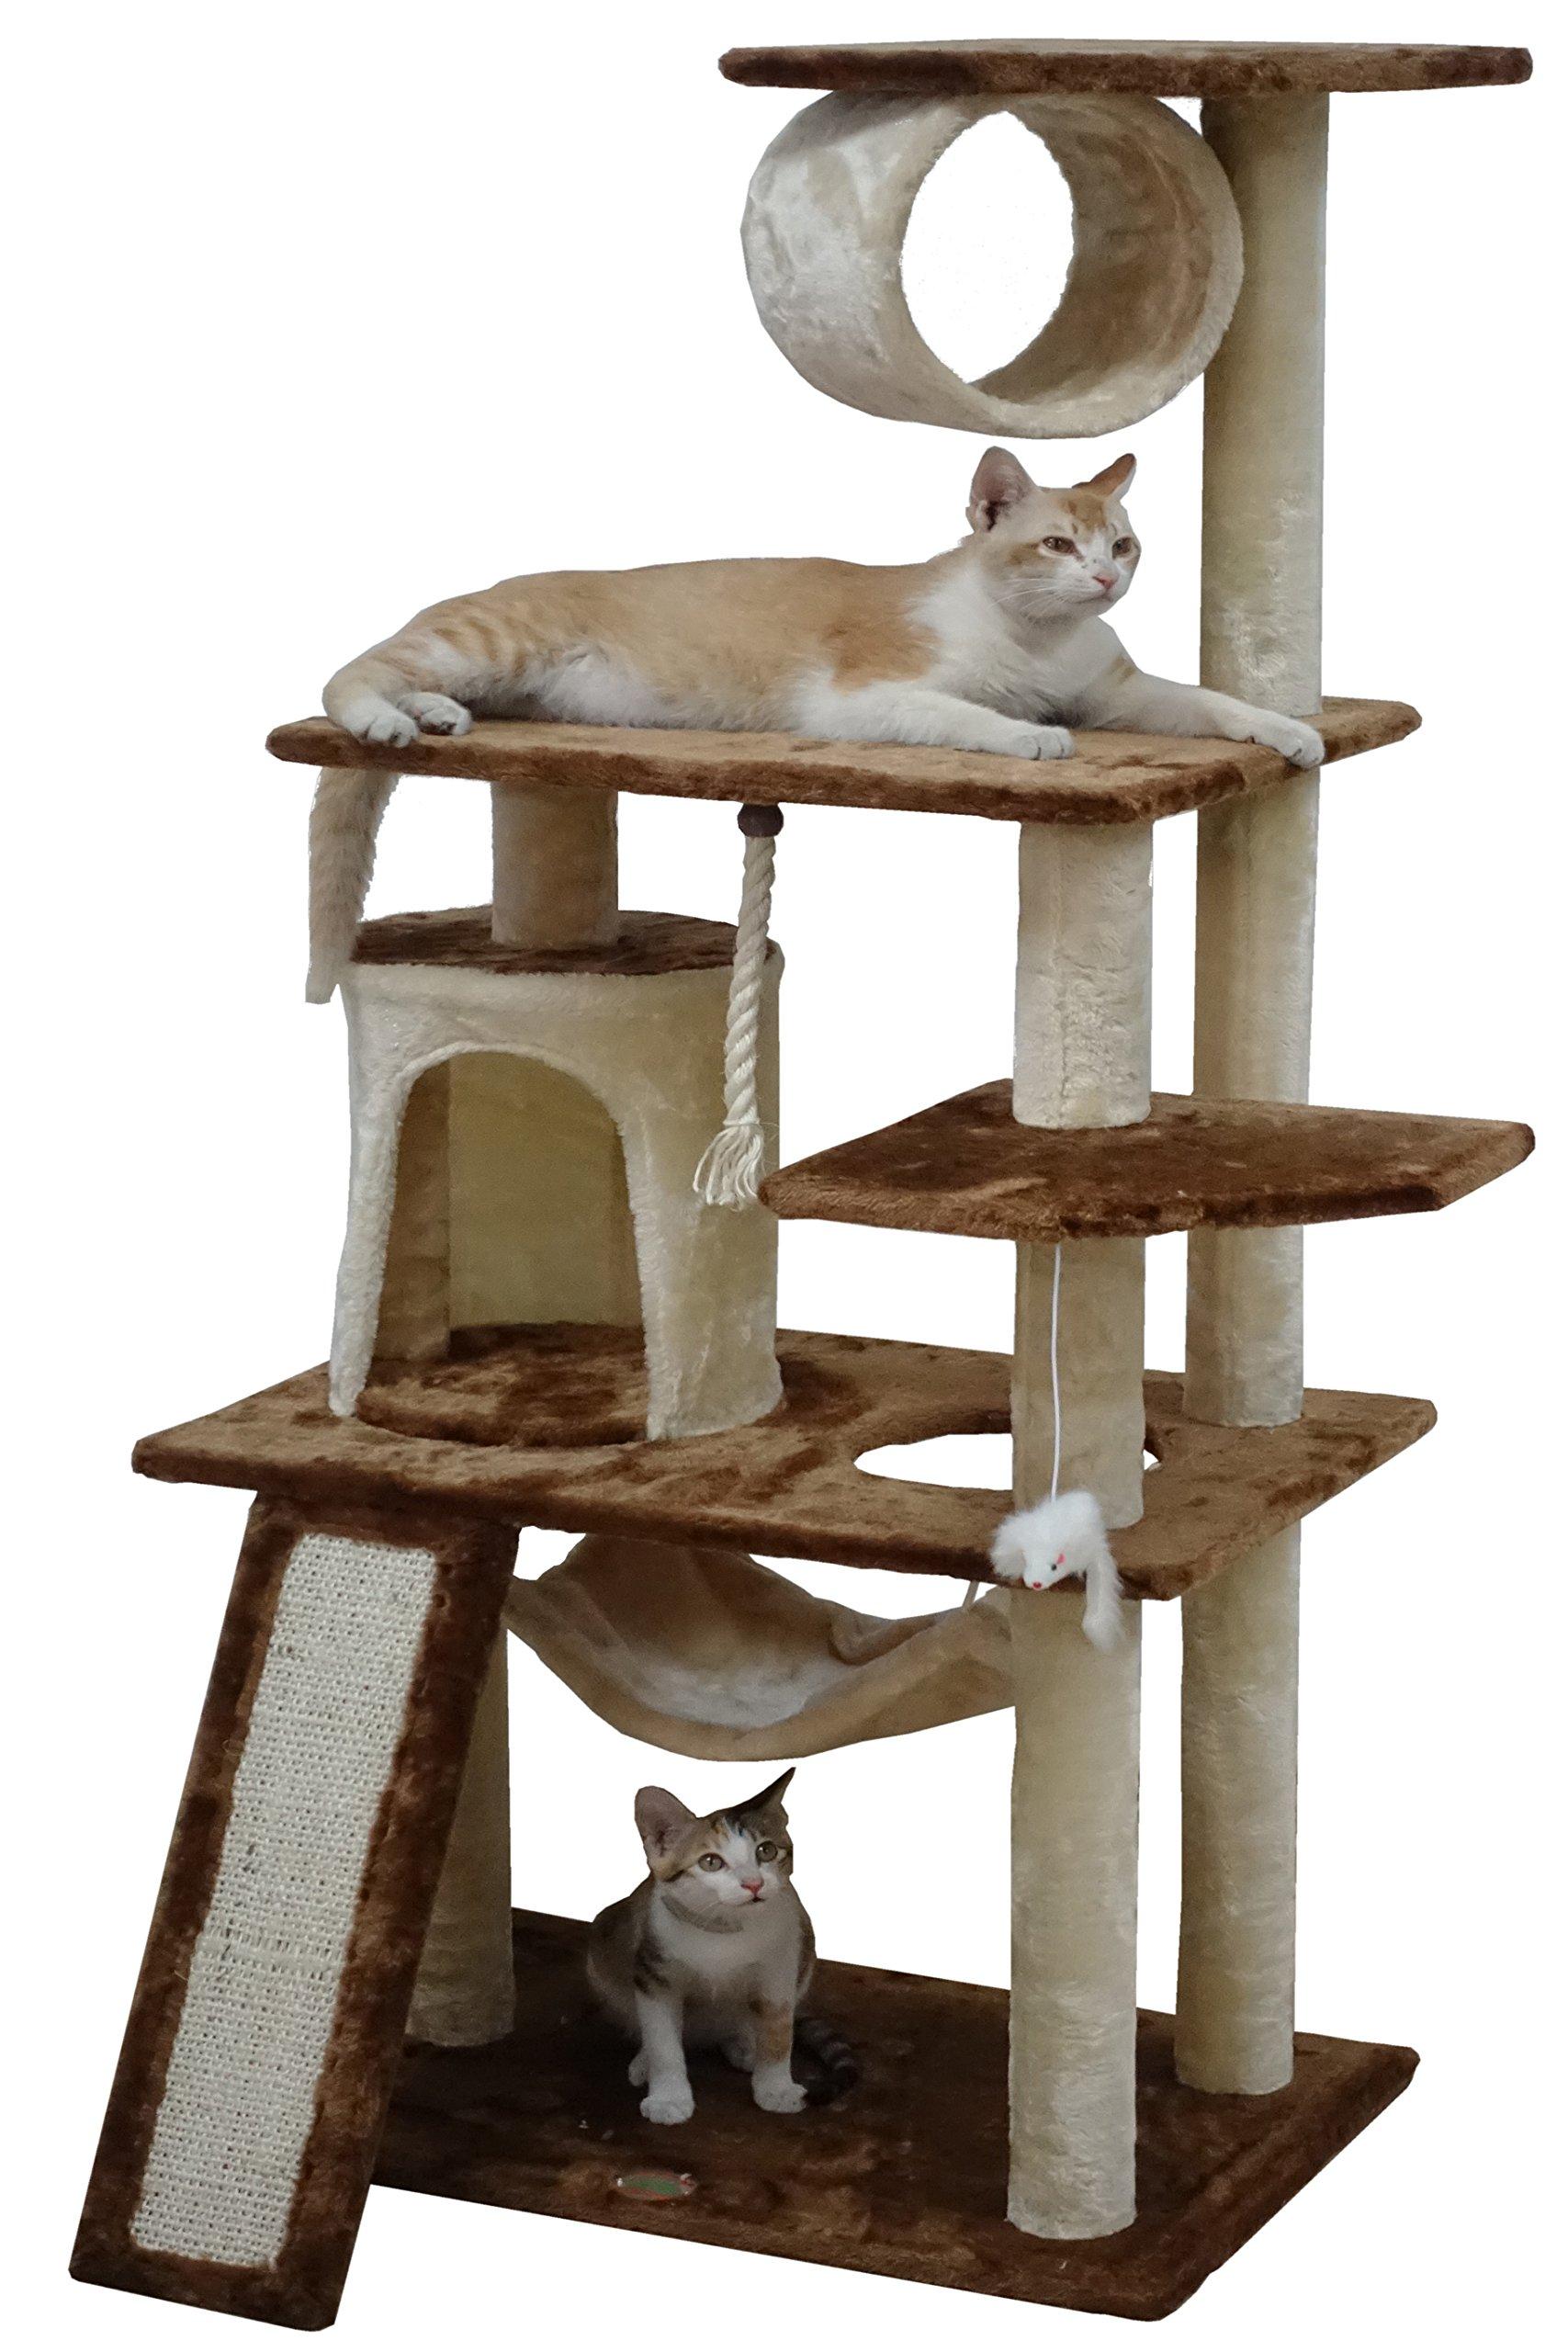 Go Pet Club F712 53'' Kitten Tree